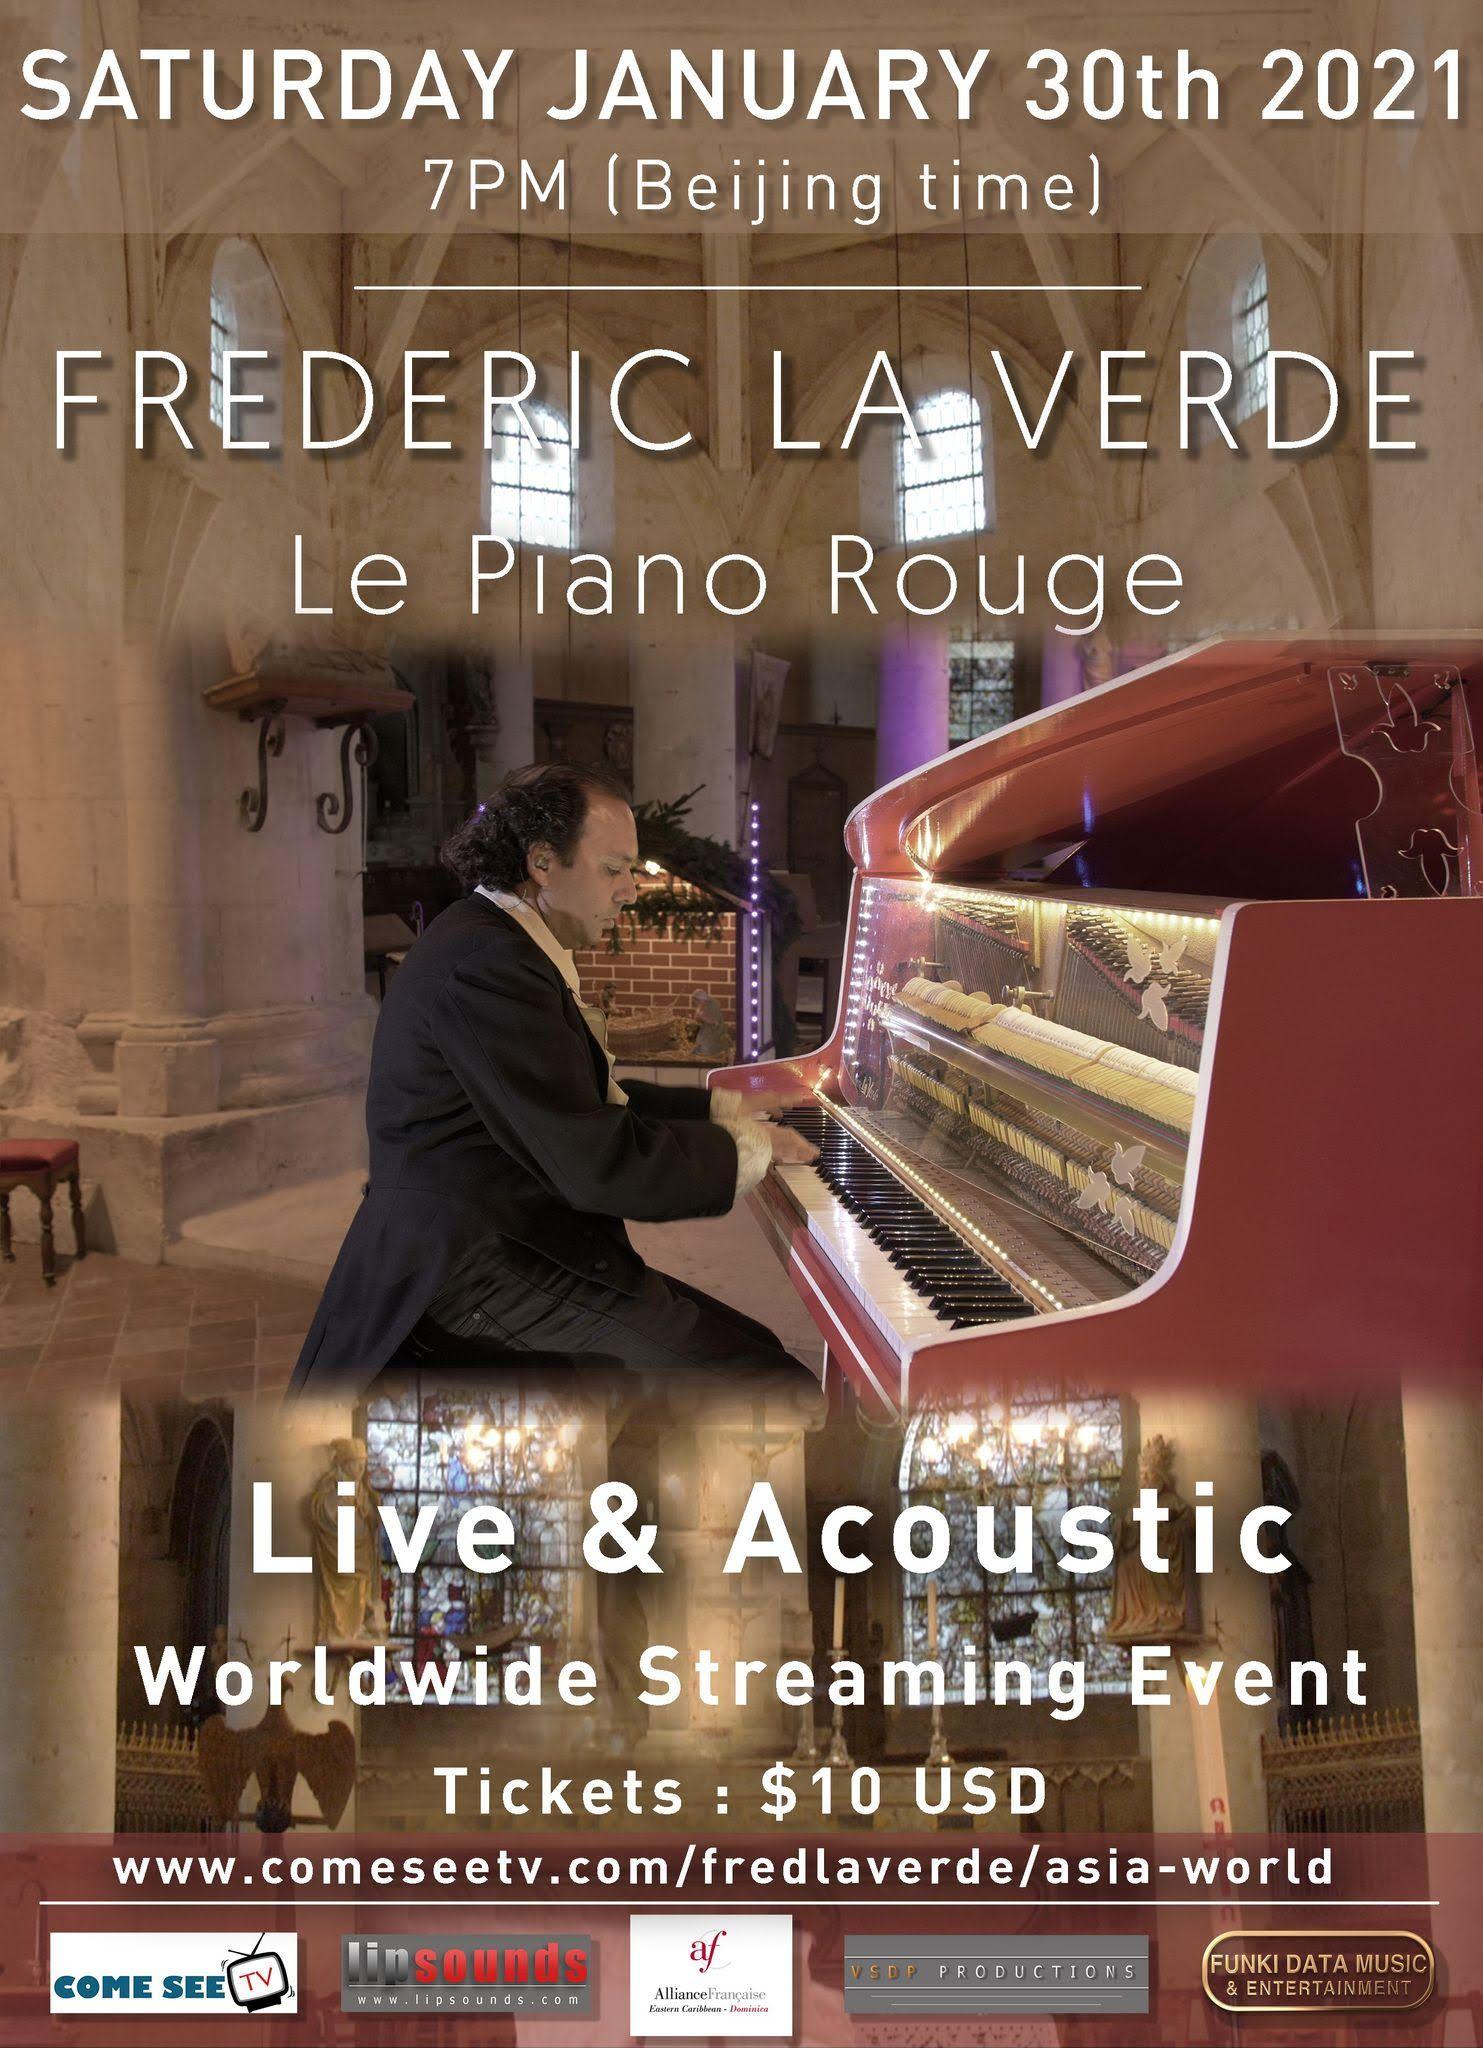 Concert / ASIE - RESTE DU MONDE / ASIA-REST OF WORLD / Frédéric La Verde et Le Piano Rouge - COMMUNIQUÉ DE PRESSE /PRESS RELEASE